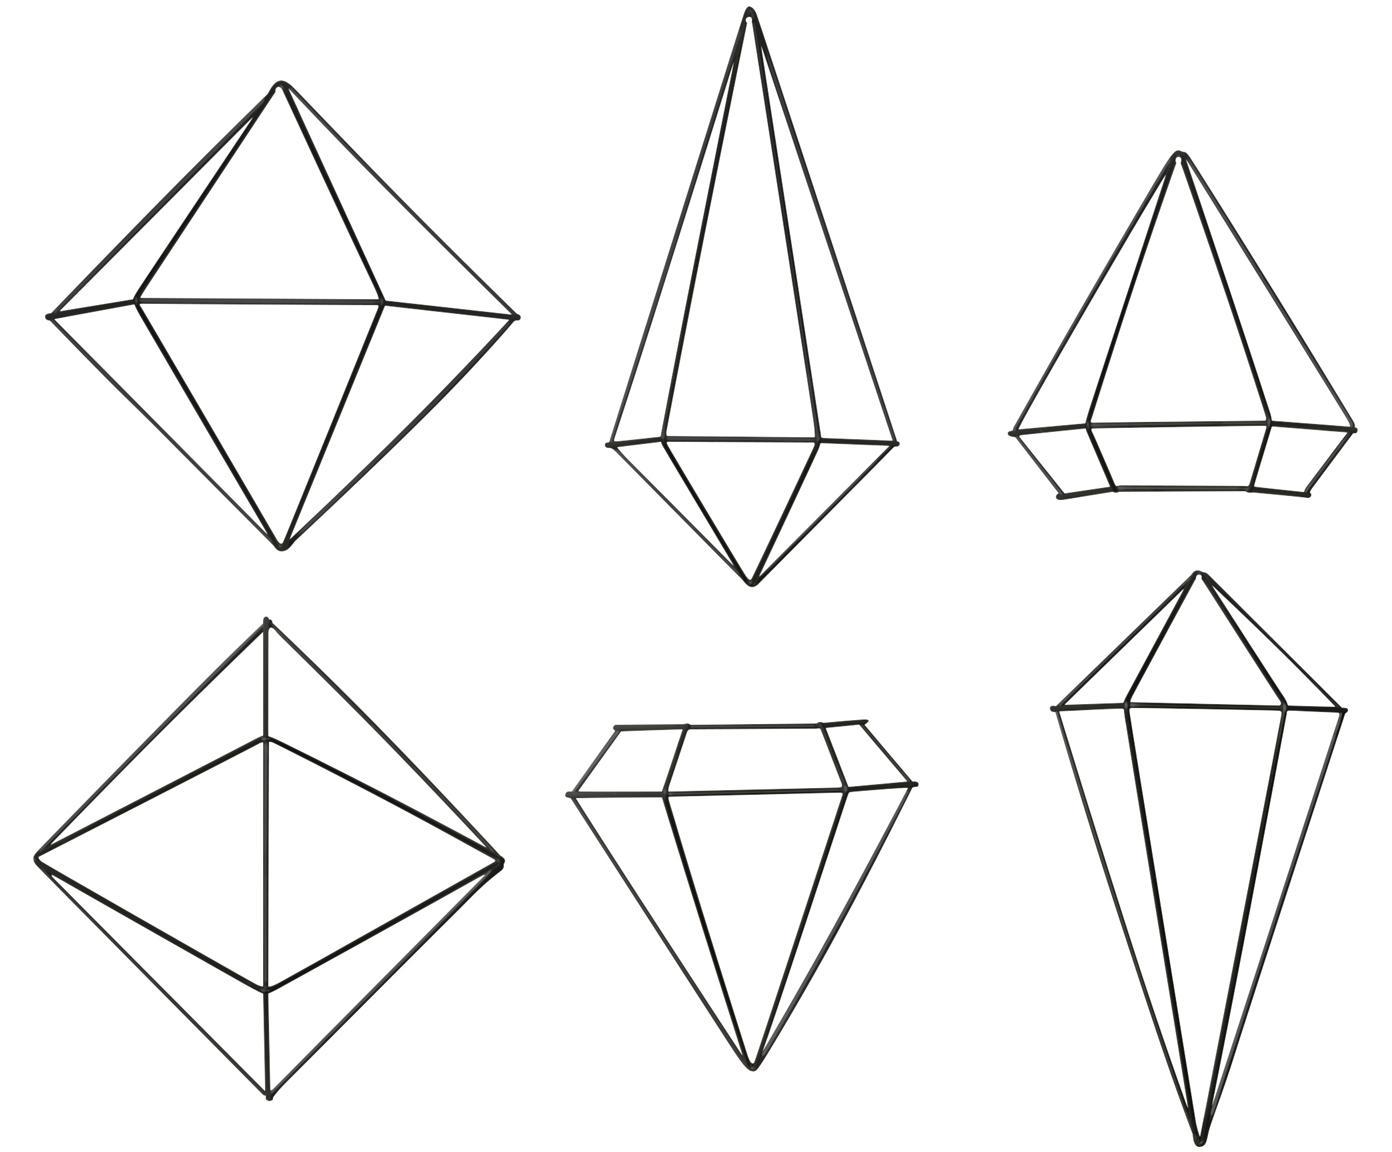 Wandobjectenset Prisma van gelakt metaal, 6-delig, Gelakt metaal, Zwart, Verschillende formaten